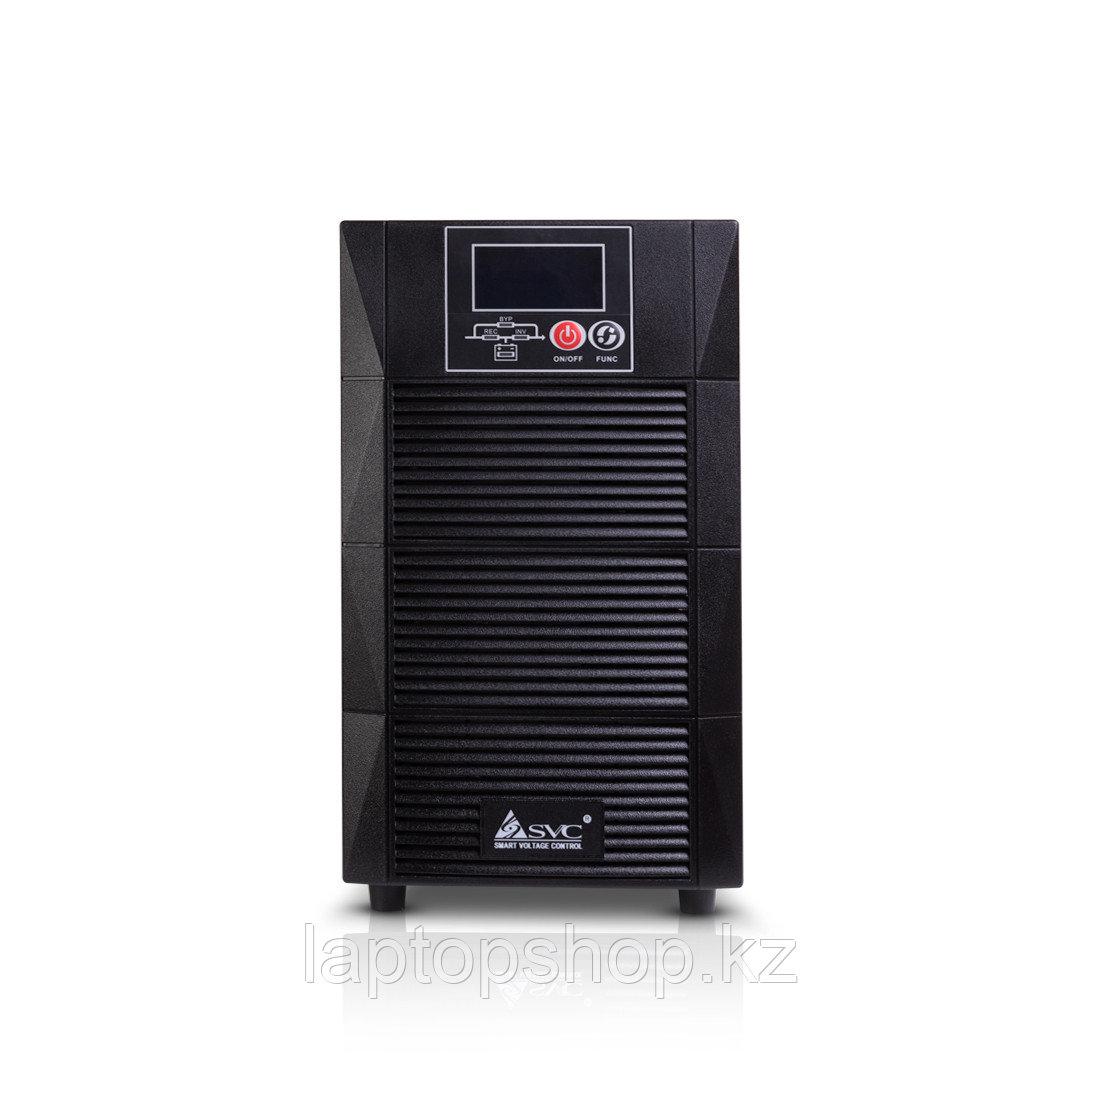 Источник бесперебойного питания SVC PTX-3KL-LCD, Мощность 3000ВА/2700Вт